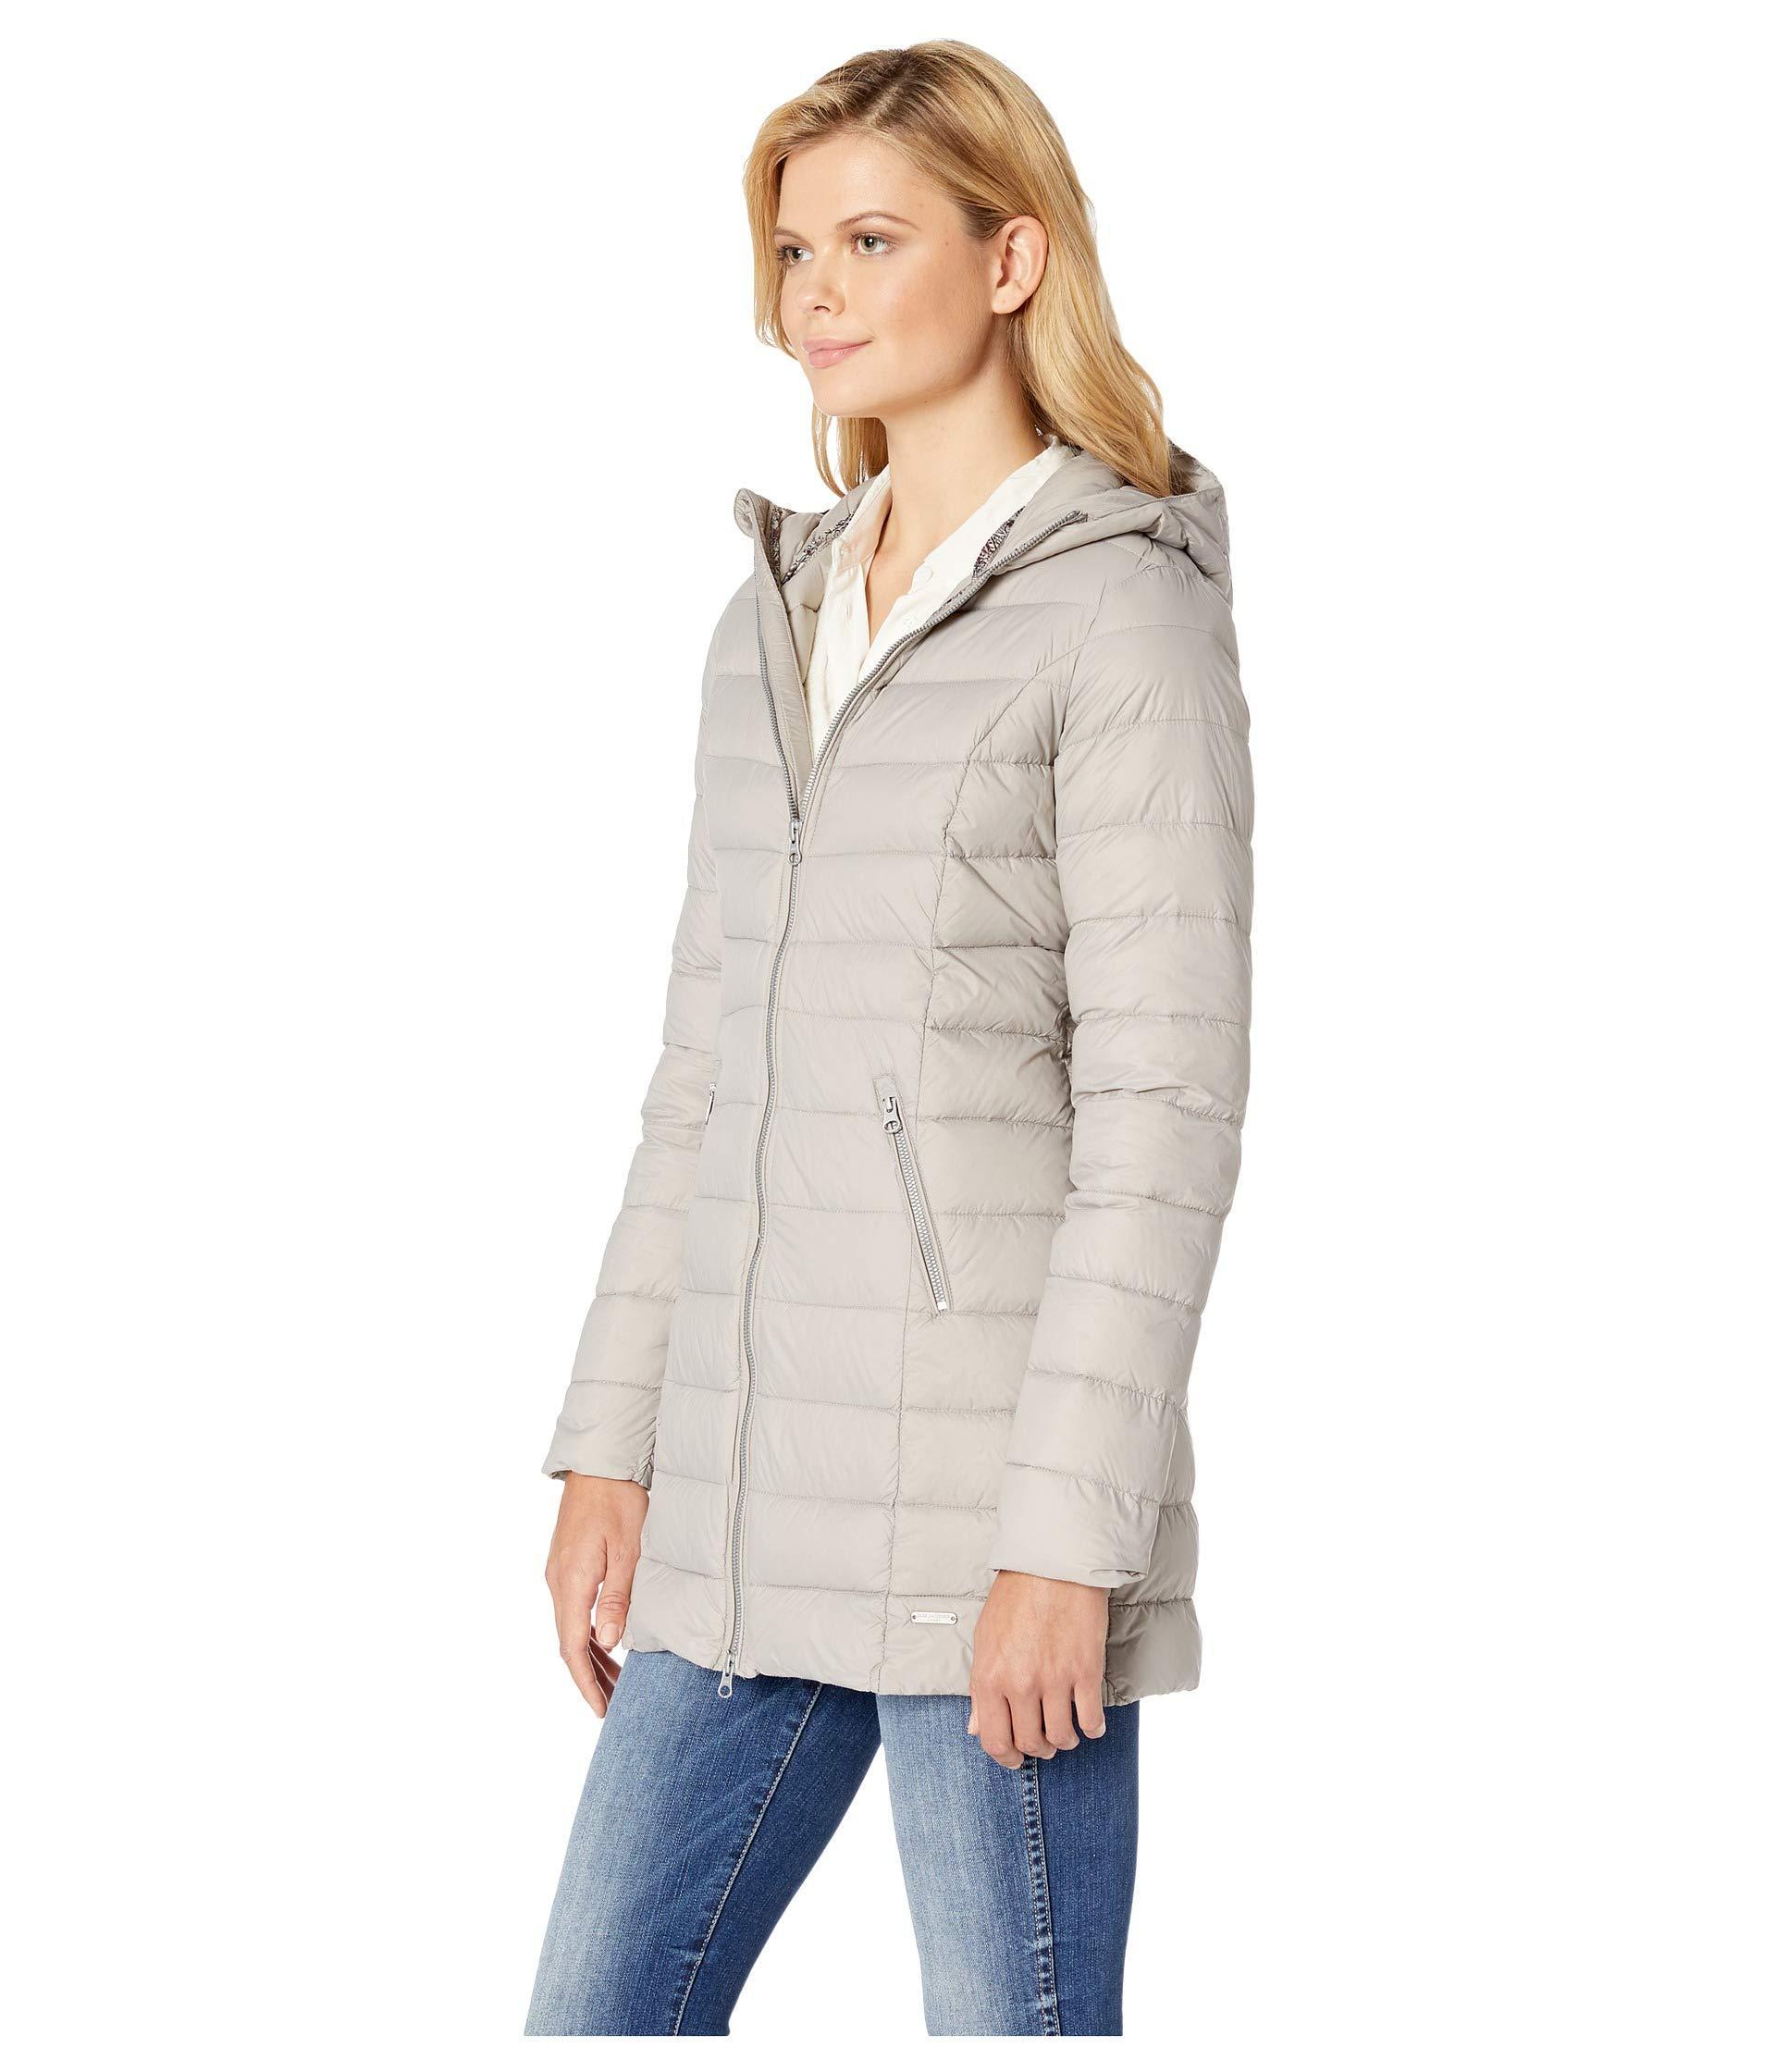 Lyst - Ilse Jacobsen Light Down Coat in Gray - Save 44.65408805031446% ebdecbf986